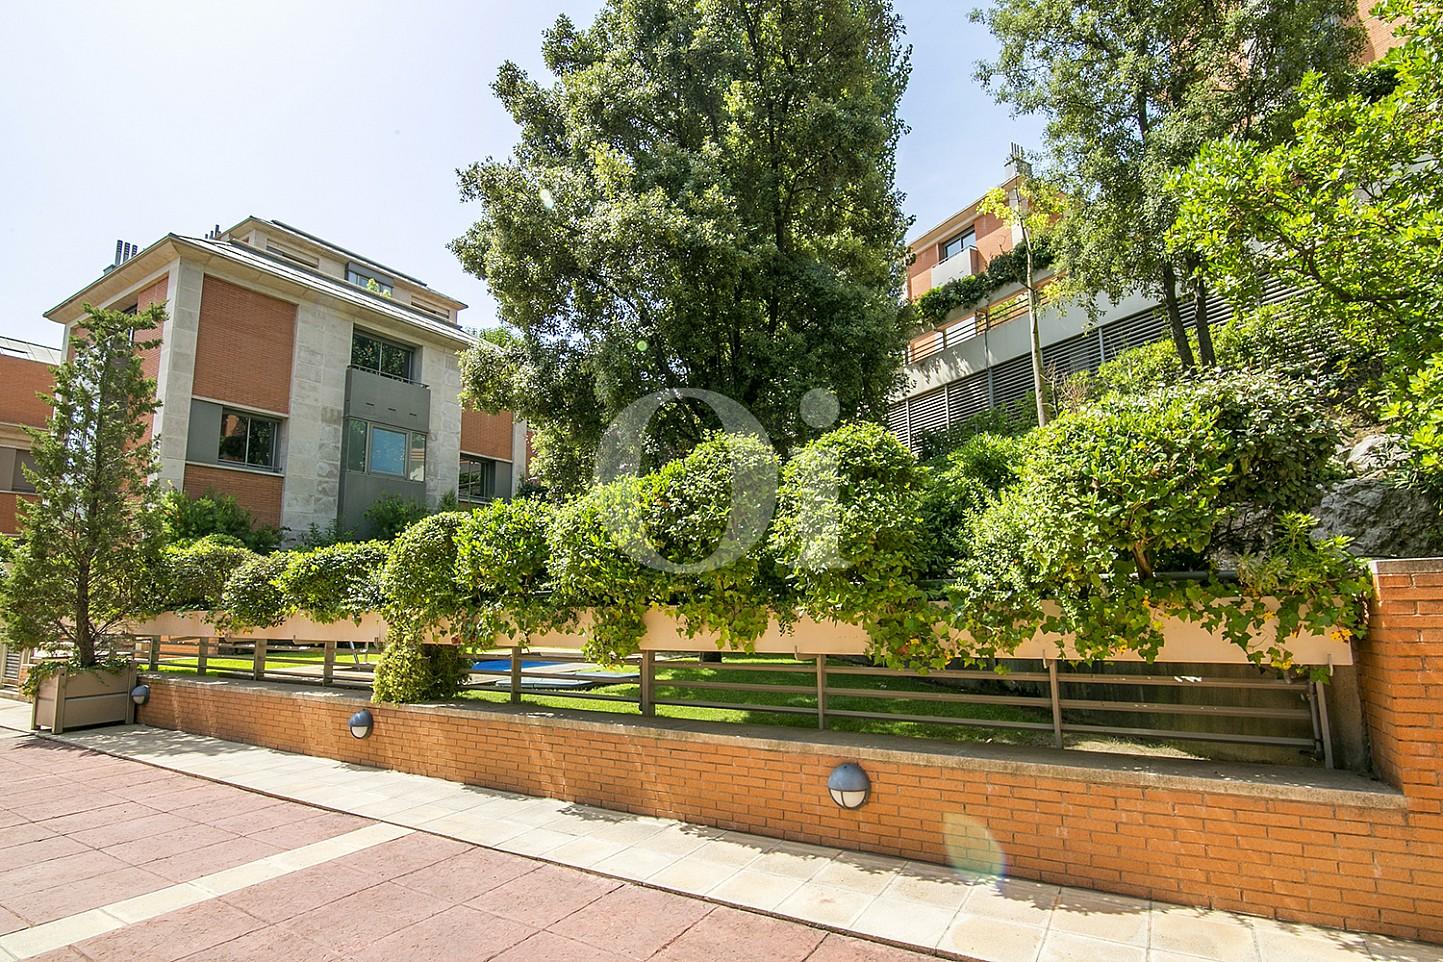 vista de residencial de lujo en barcelona